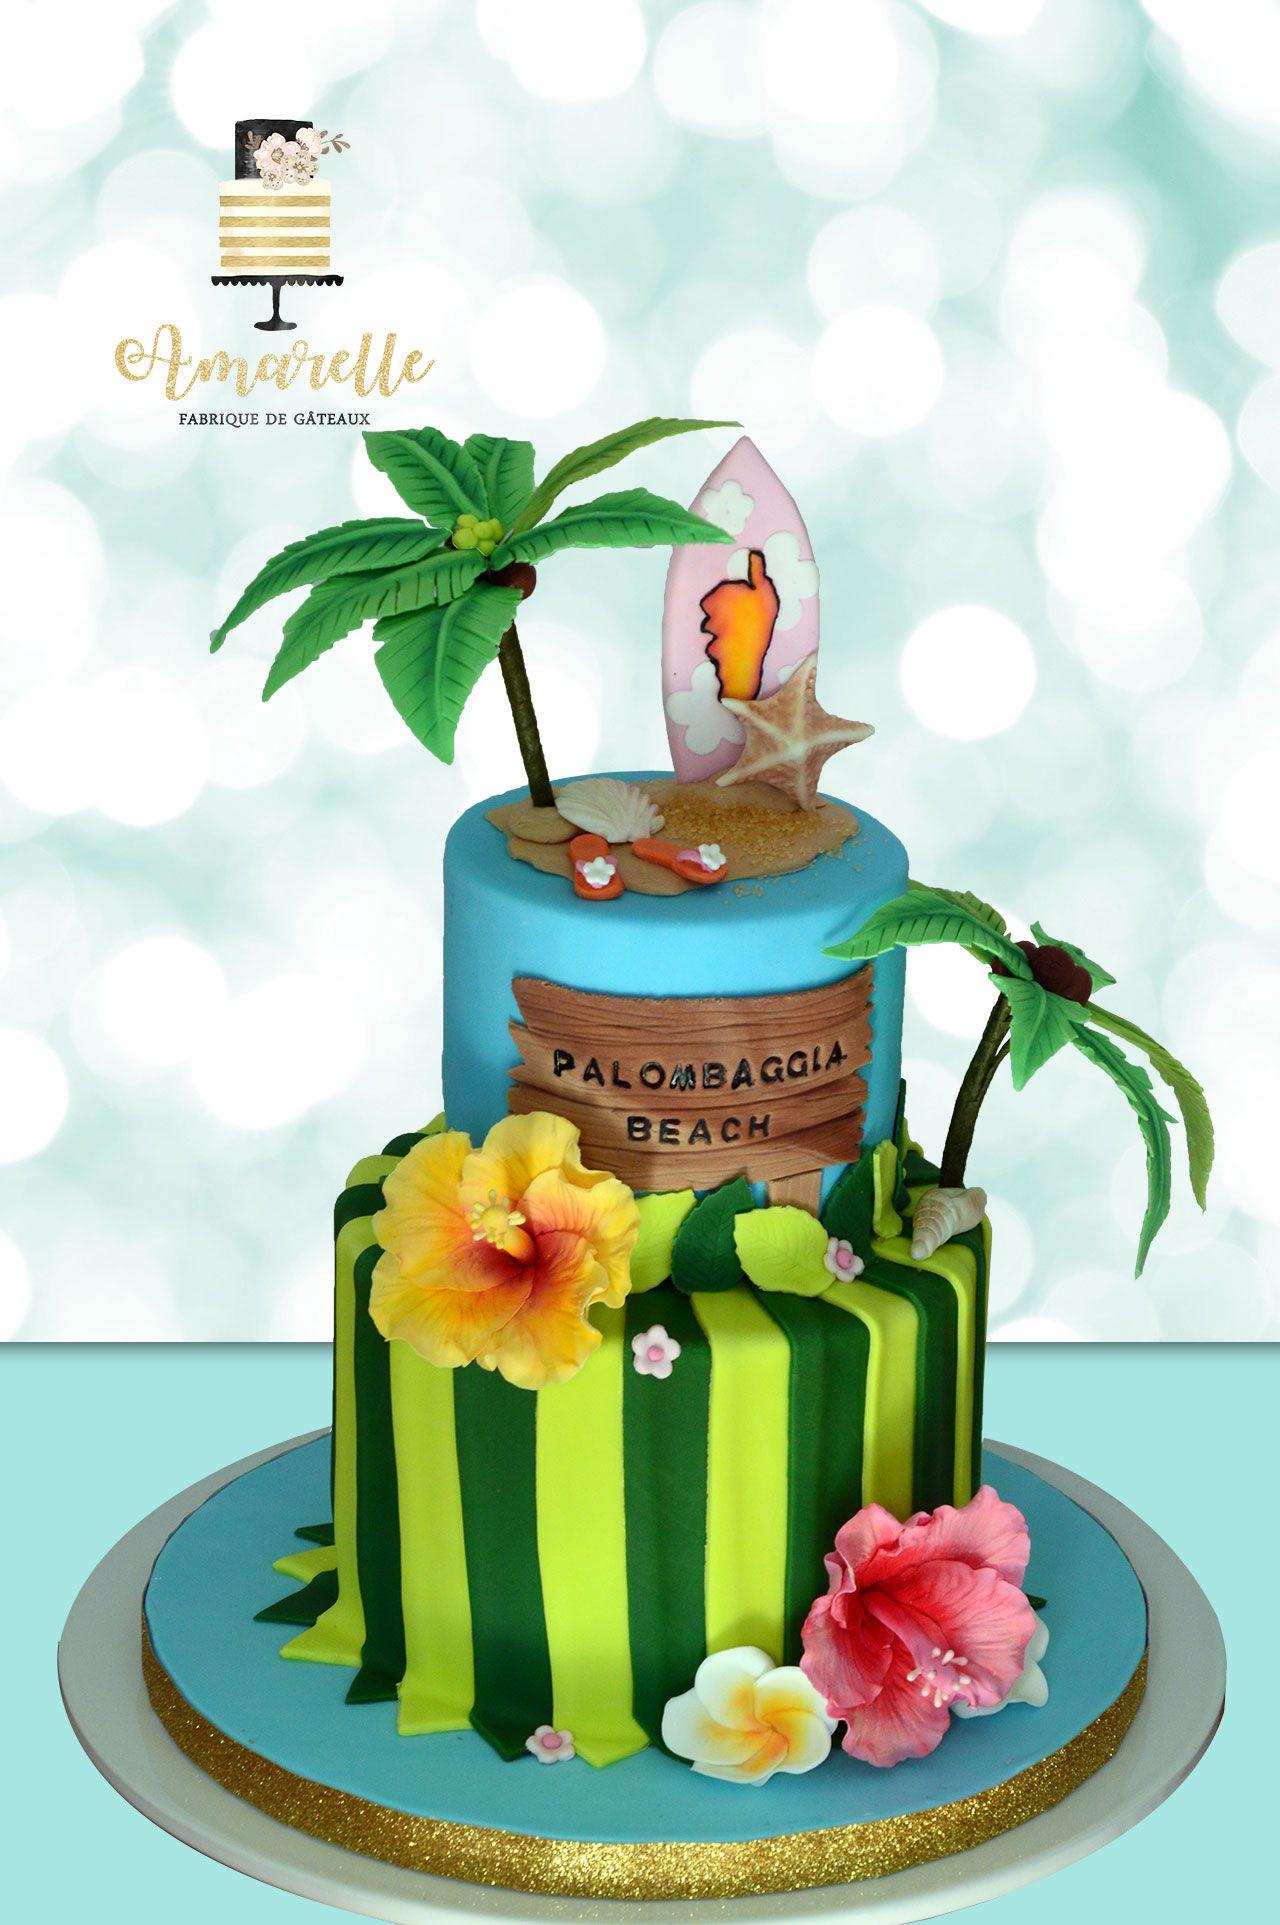 Gateau tropical, île et palmier, fleurs d\u0027hibiscus